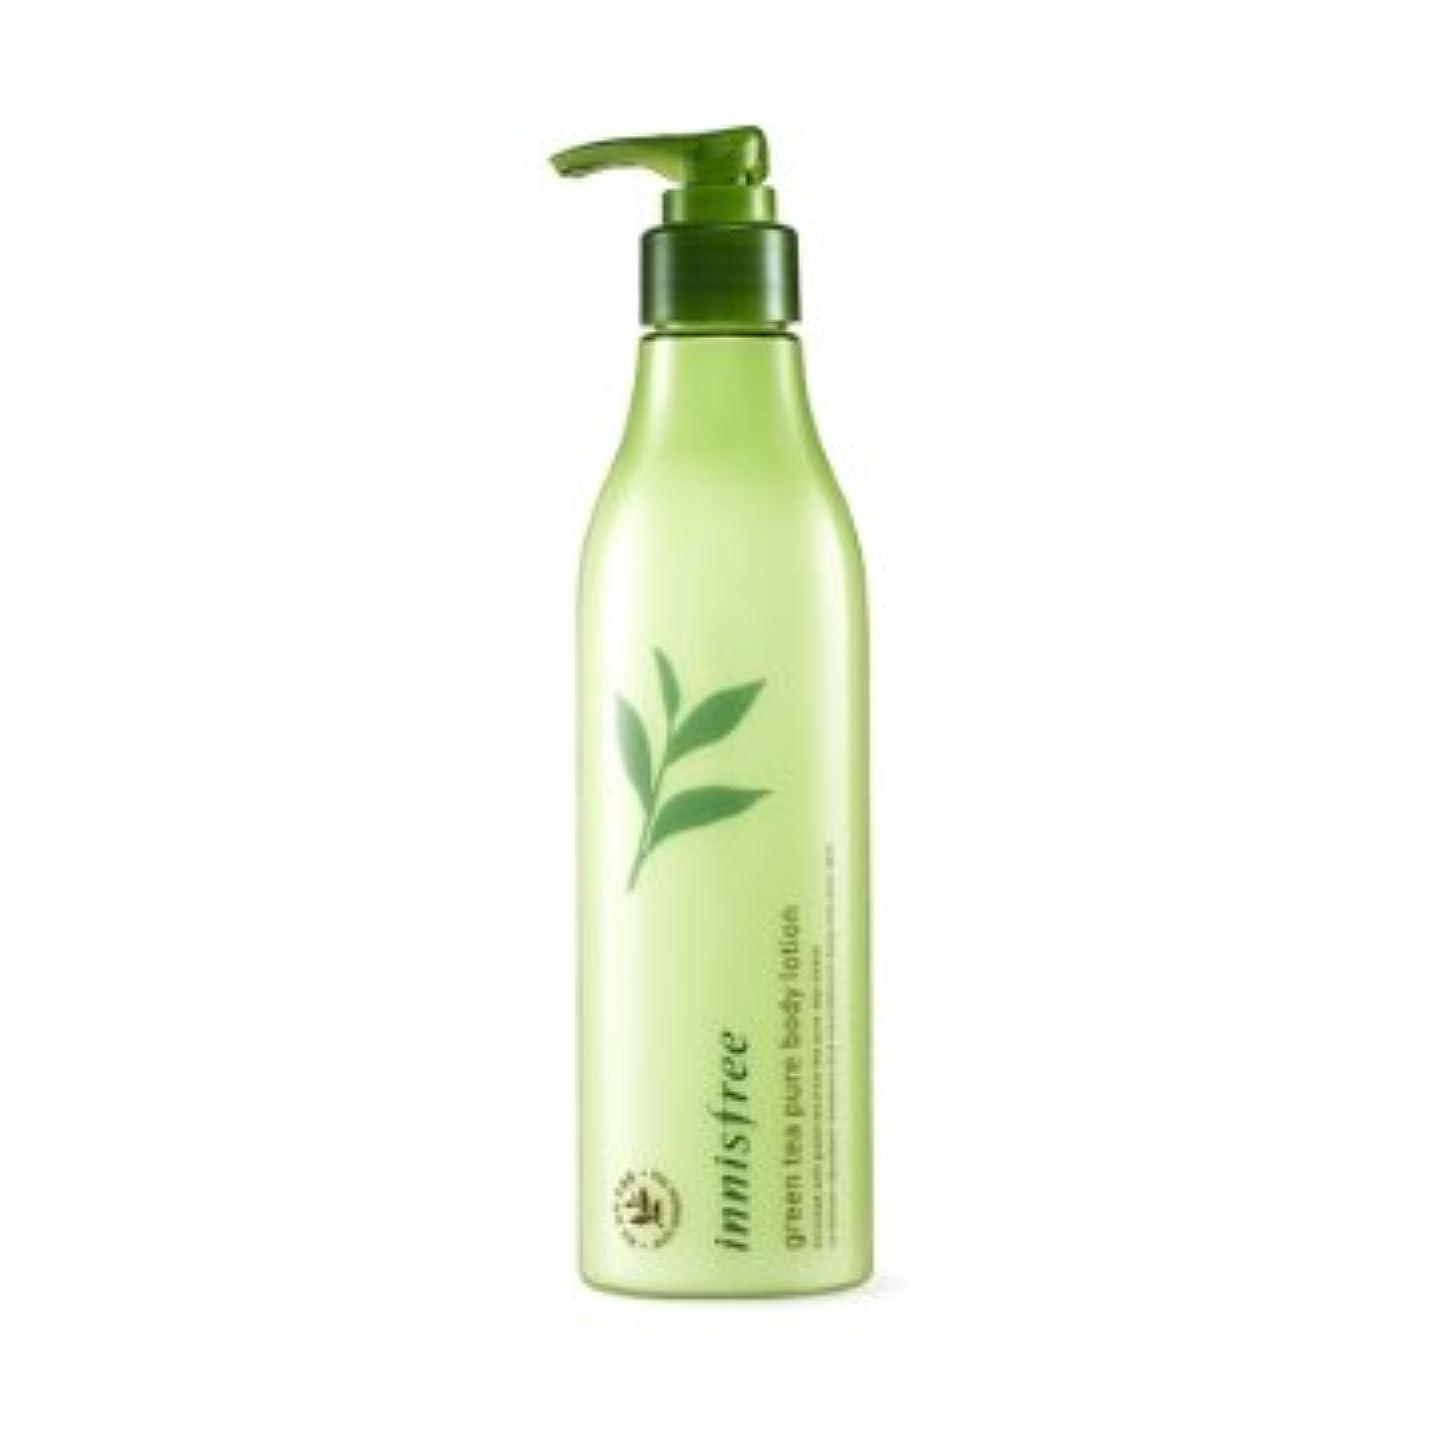 レンジ苗側溝【イニスフリー】Innisfree green tea pure body lotion - 300ml (韓国直送品) (SHOPPINGINSTAGRAM)